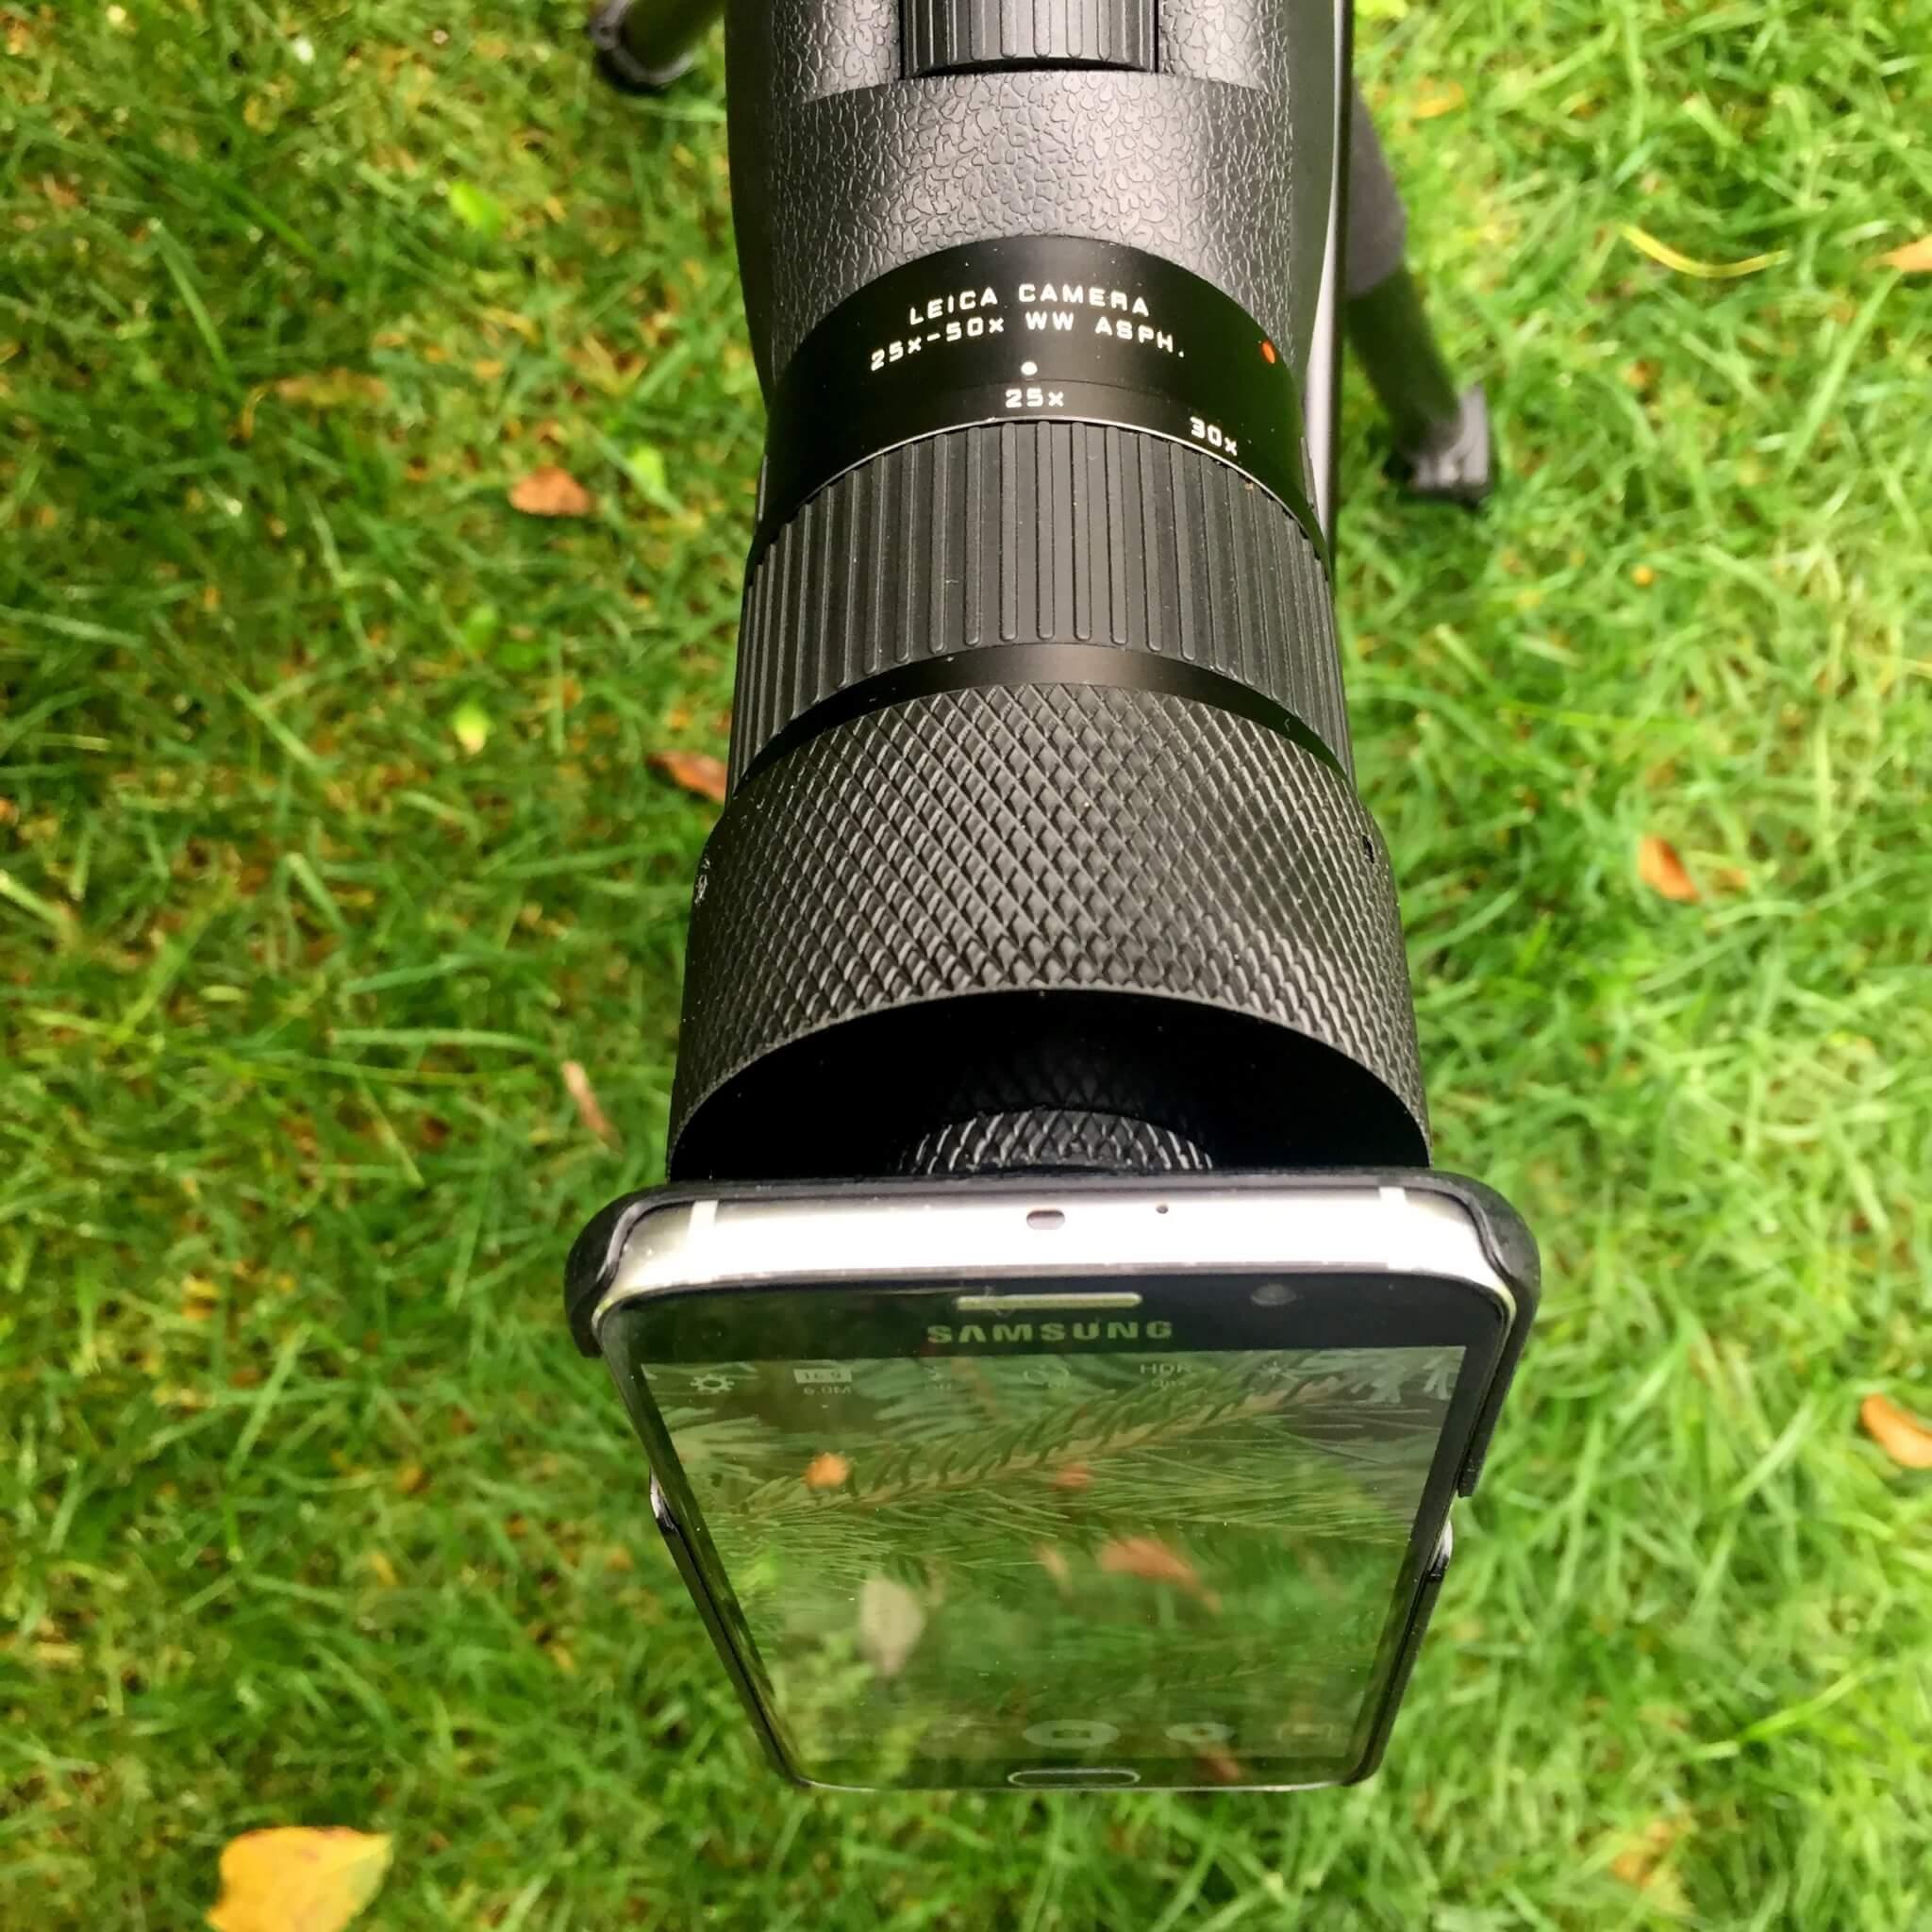 Un Samsung Galaxy S6 fissato all'Apo Televid 82 Leica